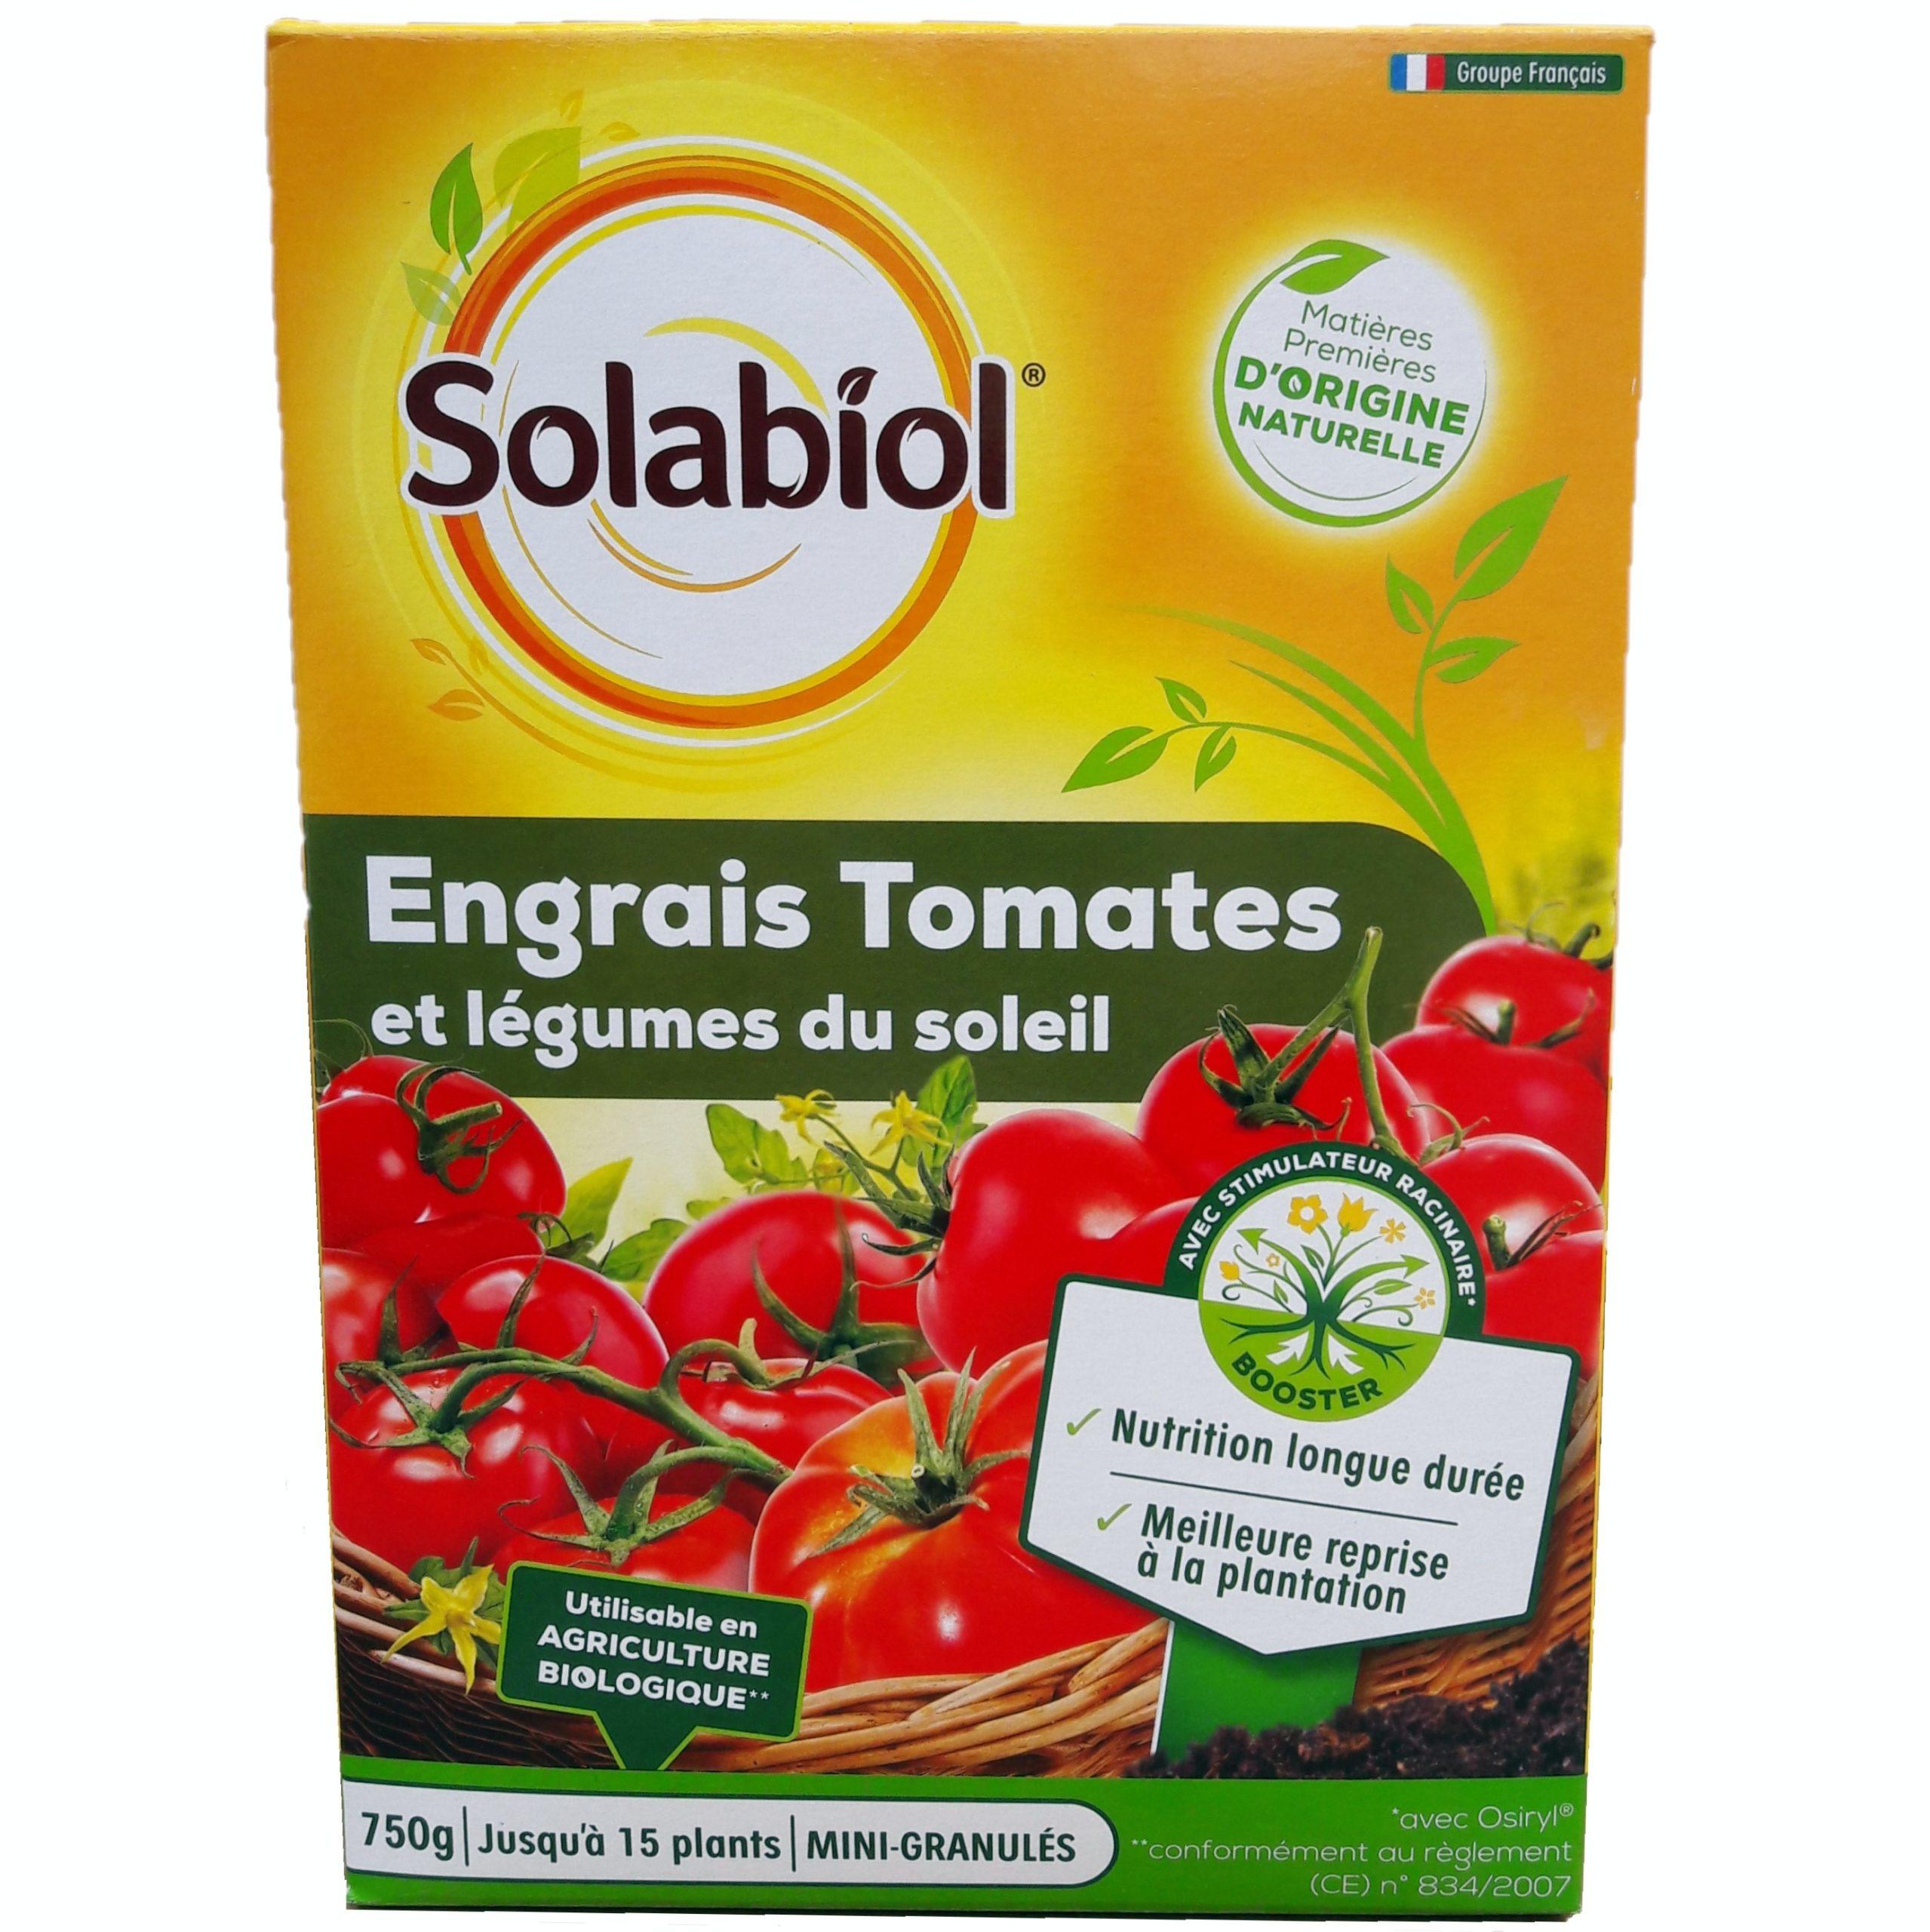 Engrais Tomates Et Legumes Du Soleil 750g Solabiol Isi Jardin